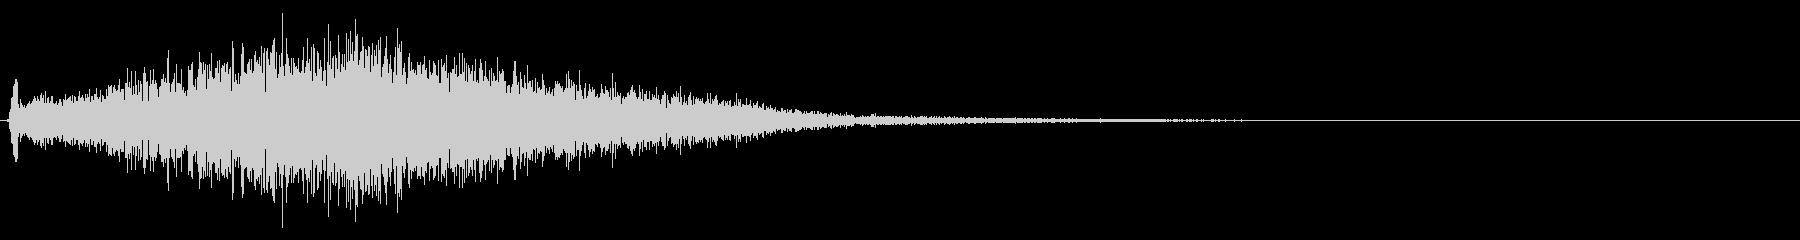 爆発EC07_64_1の未再生の波形